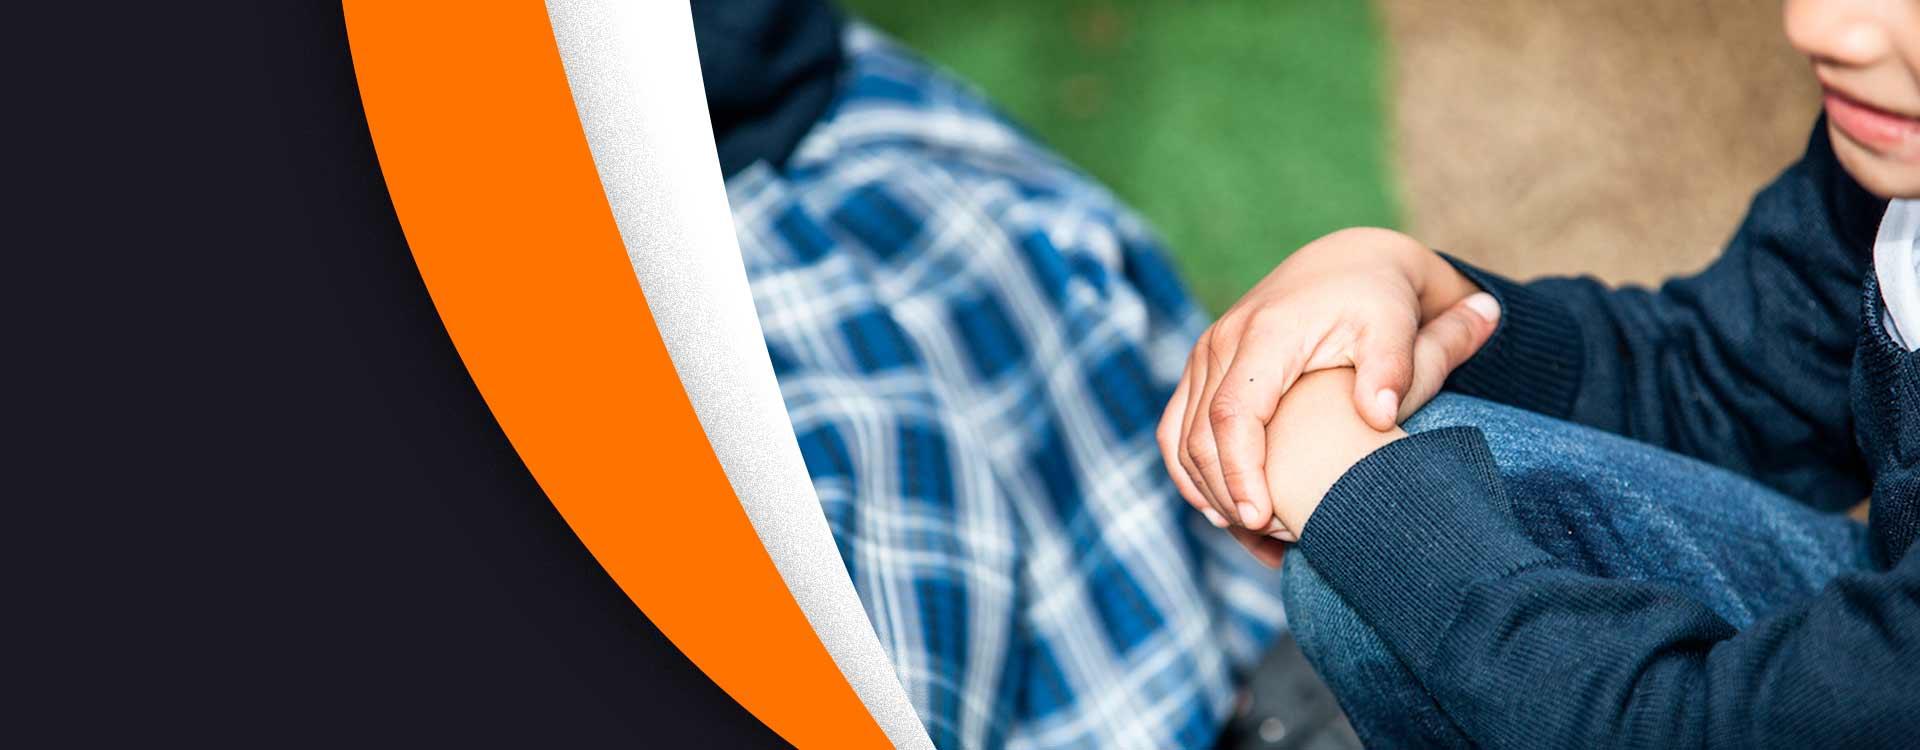 El Decreto 1421 reglamenta la atención educativa a la población con discapacidad.